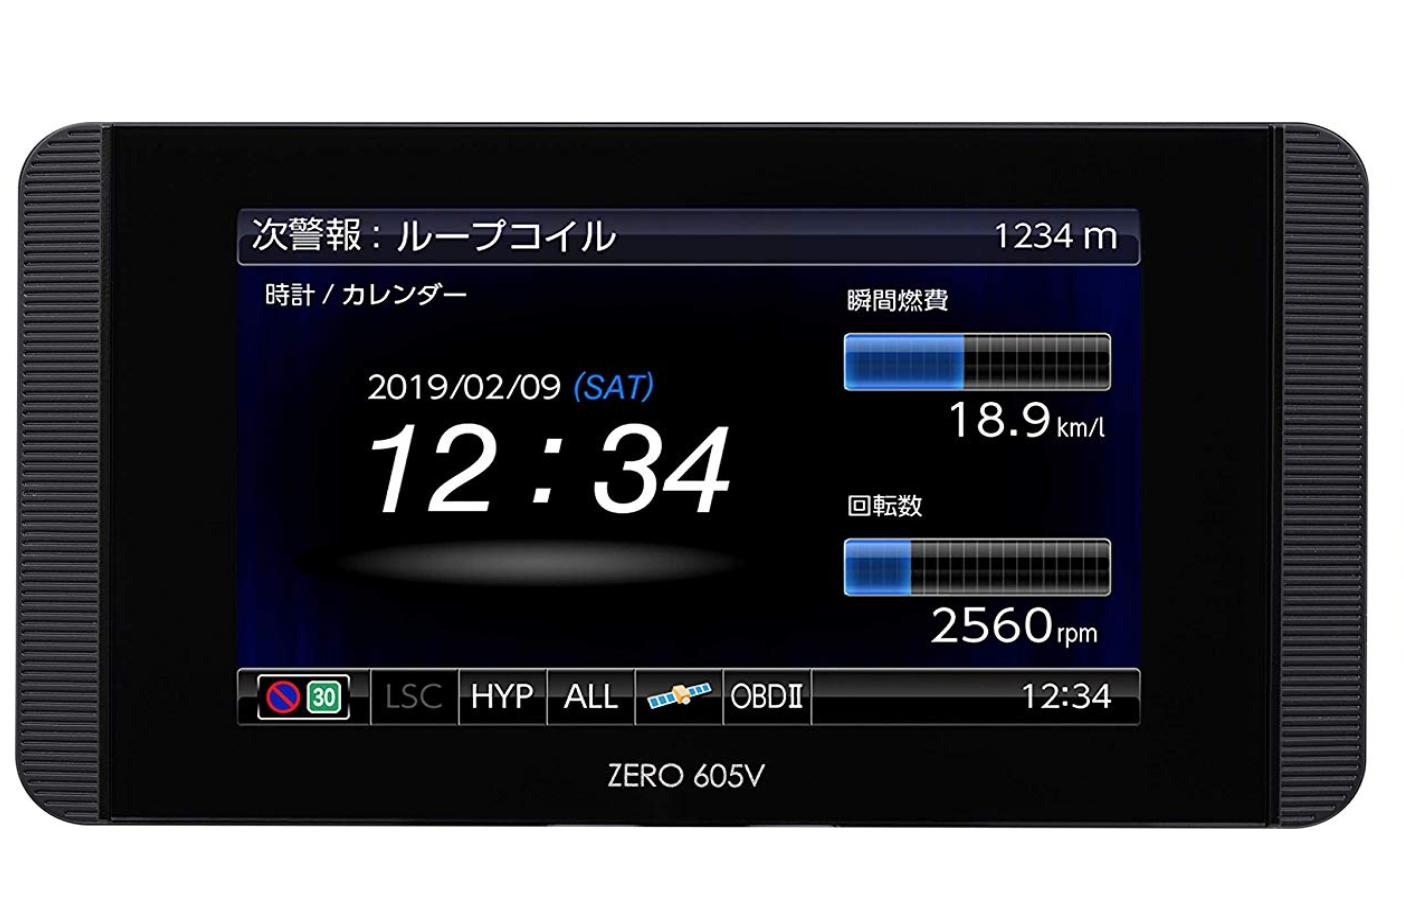 コムテック GPS液晶レーダー探知機 ZERO 605V